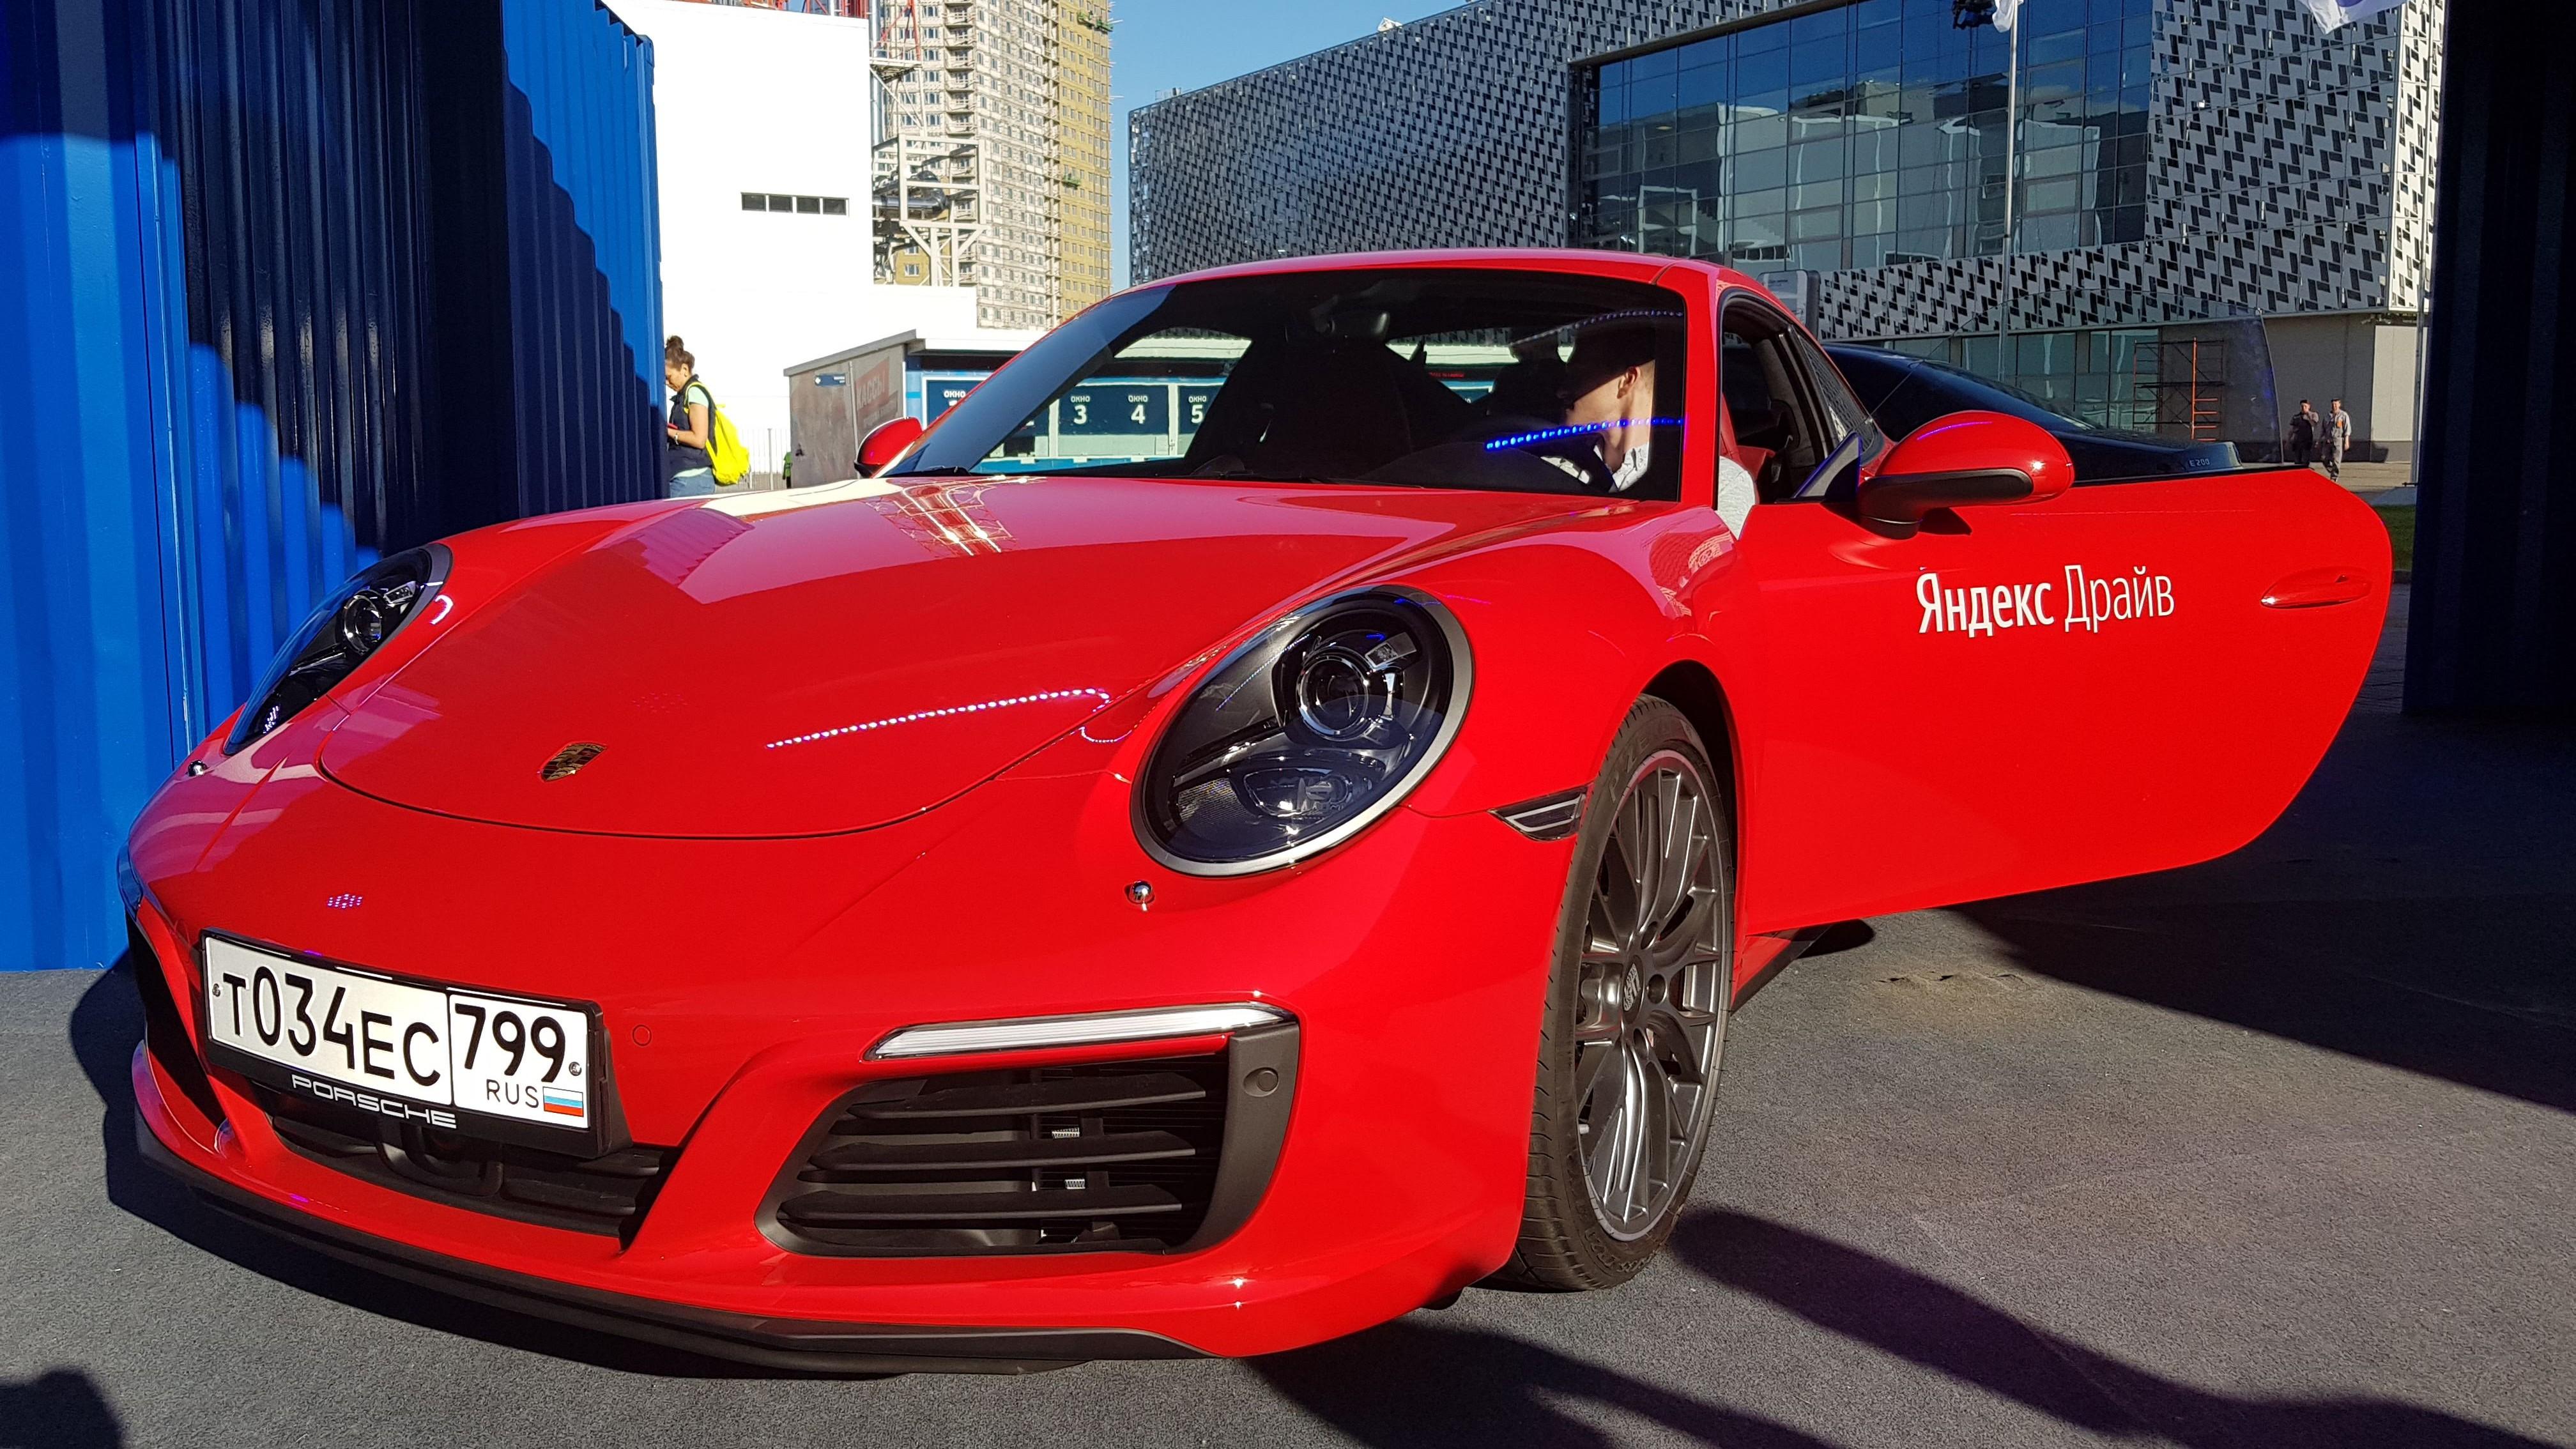 Автопарк «Яндекс.Драйв» пополнился Porsche Macan и 911 Carrera RS